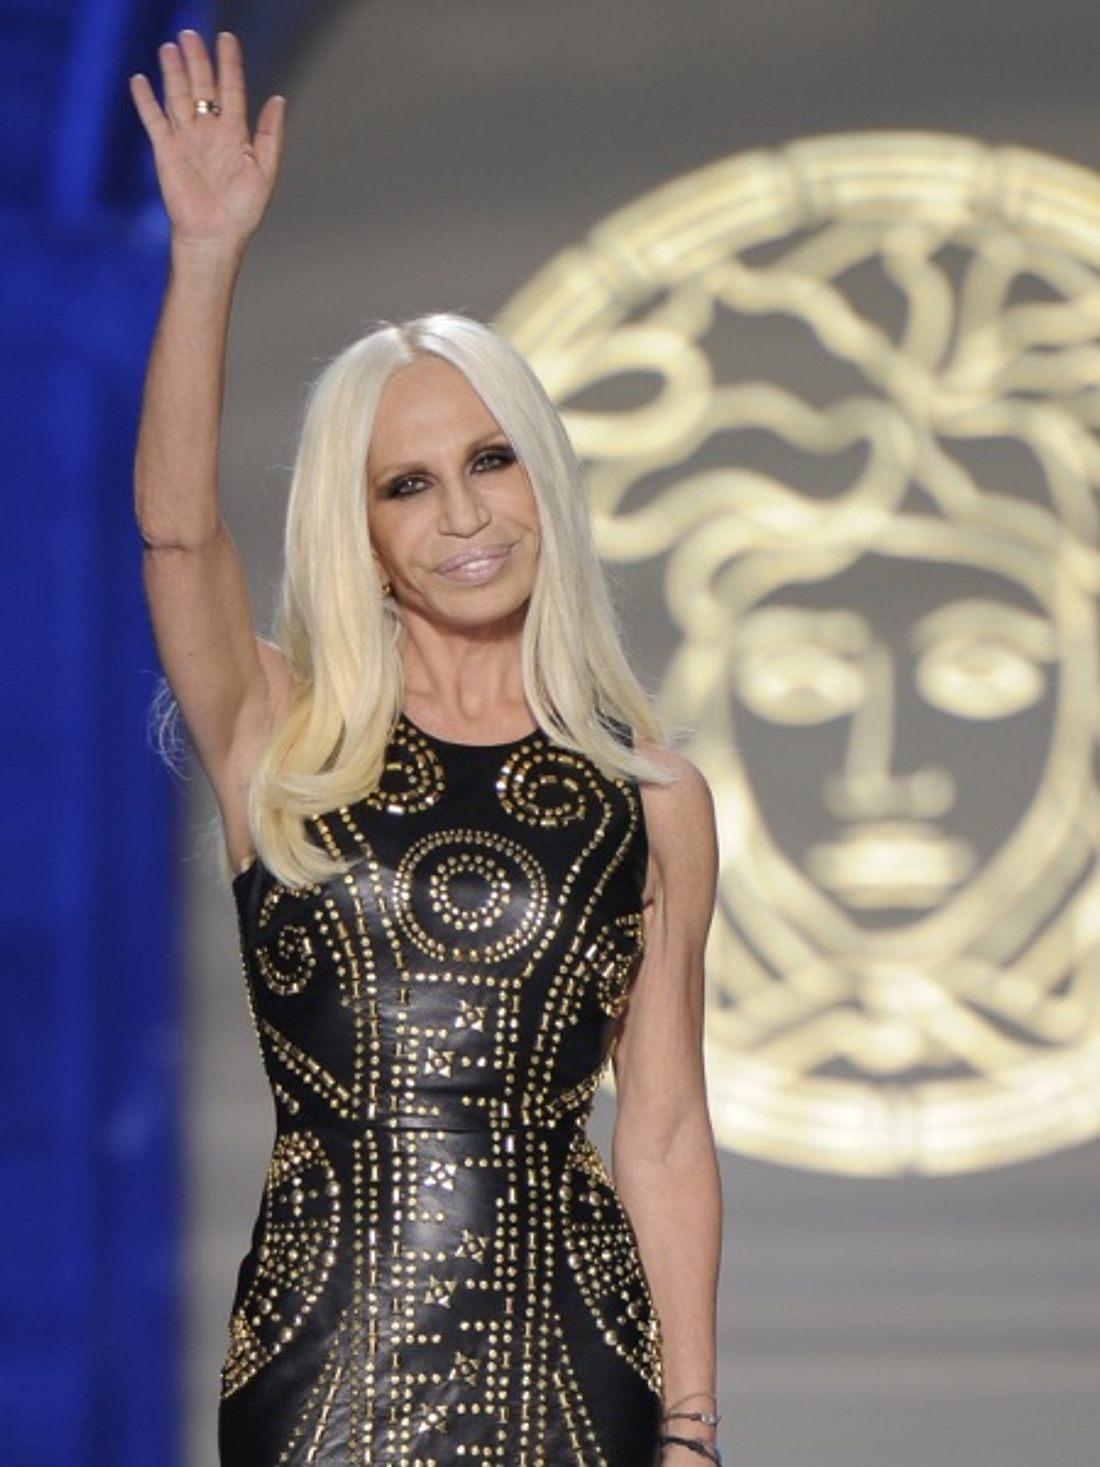 Einen kleinen Vorgschmack auf die Kollektion zeigte sie am 20. Juni bei der Versace Men's Fashion Show in Mailand